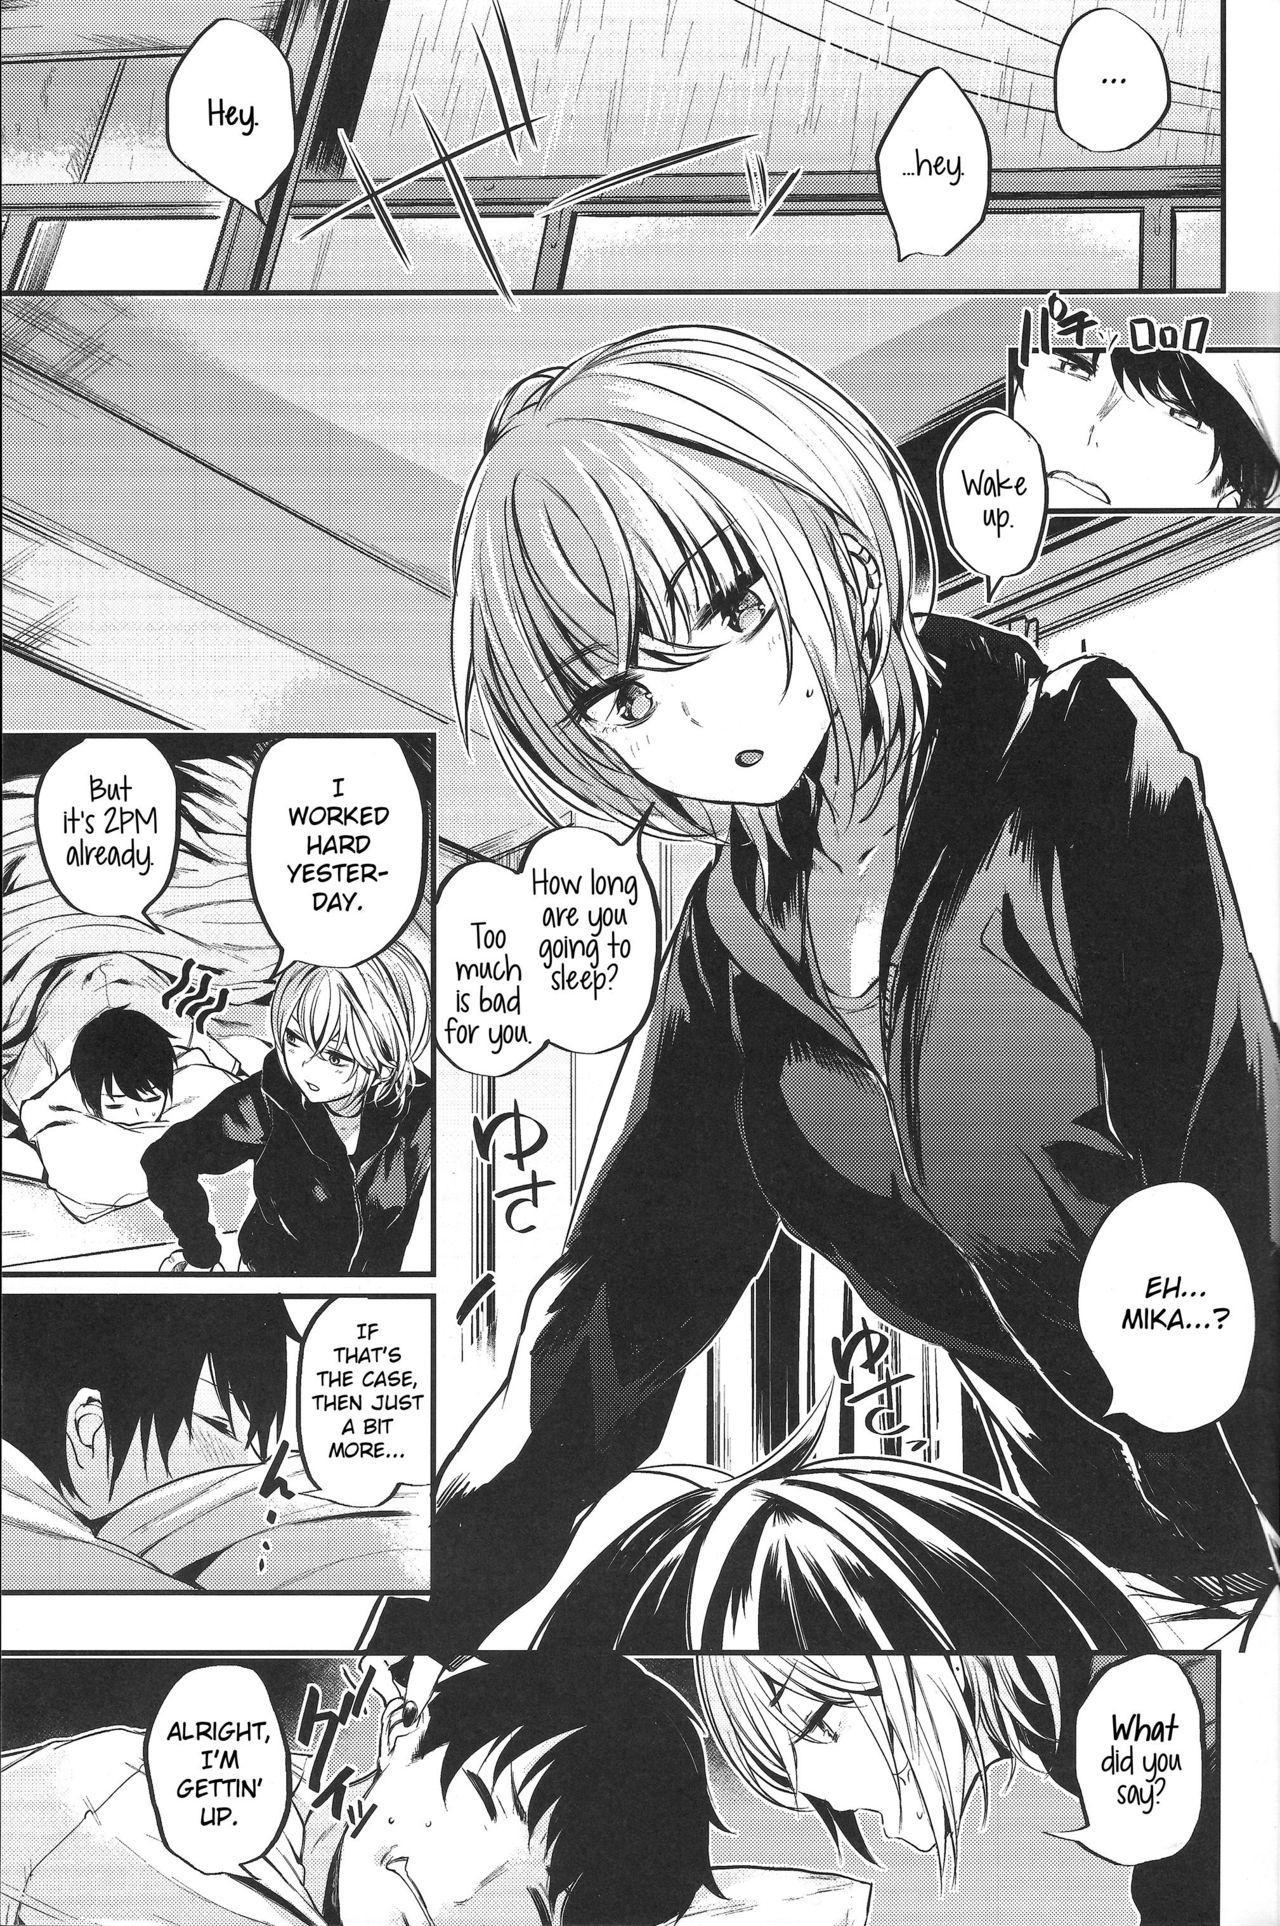 Sukoshi Furyouppoi Onnanoko to Kyuujitsu ni Ie de Daradara Shitai Hon. 3